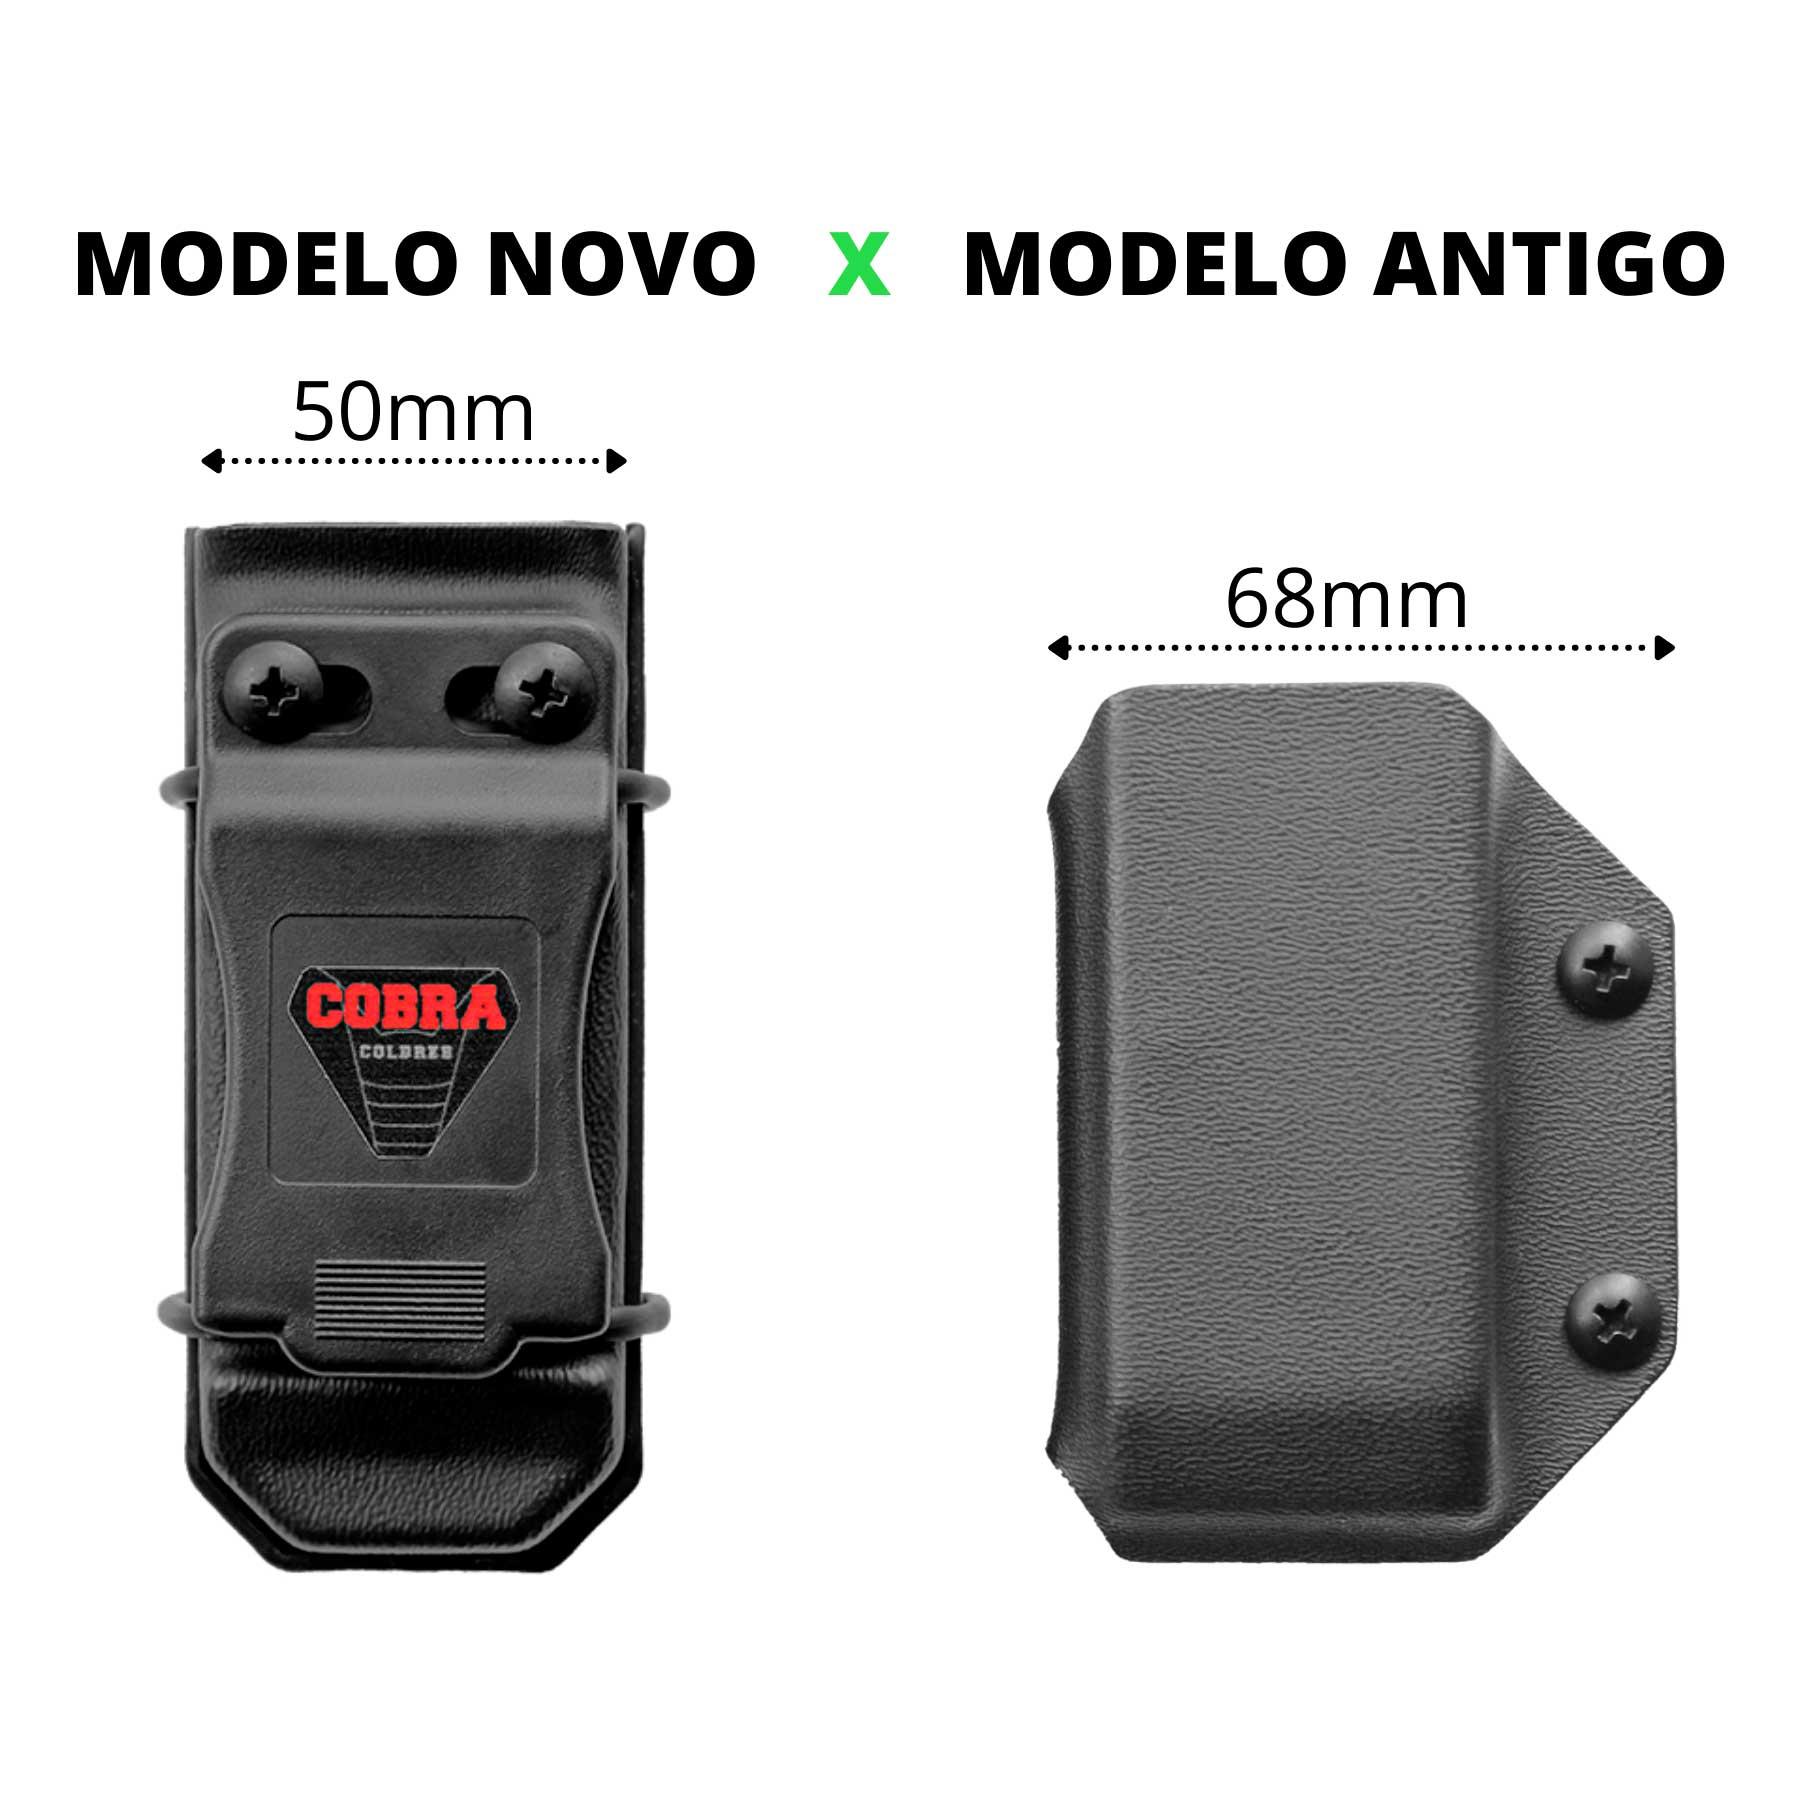 Coldre Glock [G22 Gen5] Kydex + 1 Porta-Carregador Universal - Saque Rápido Velado Kydex® 080